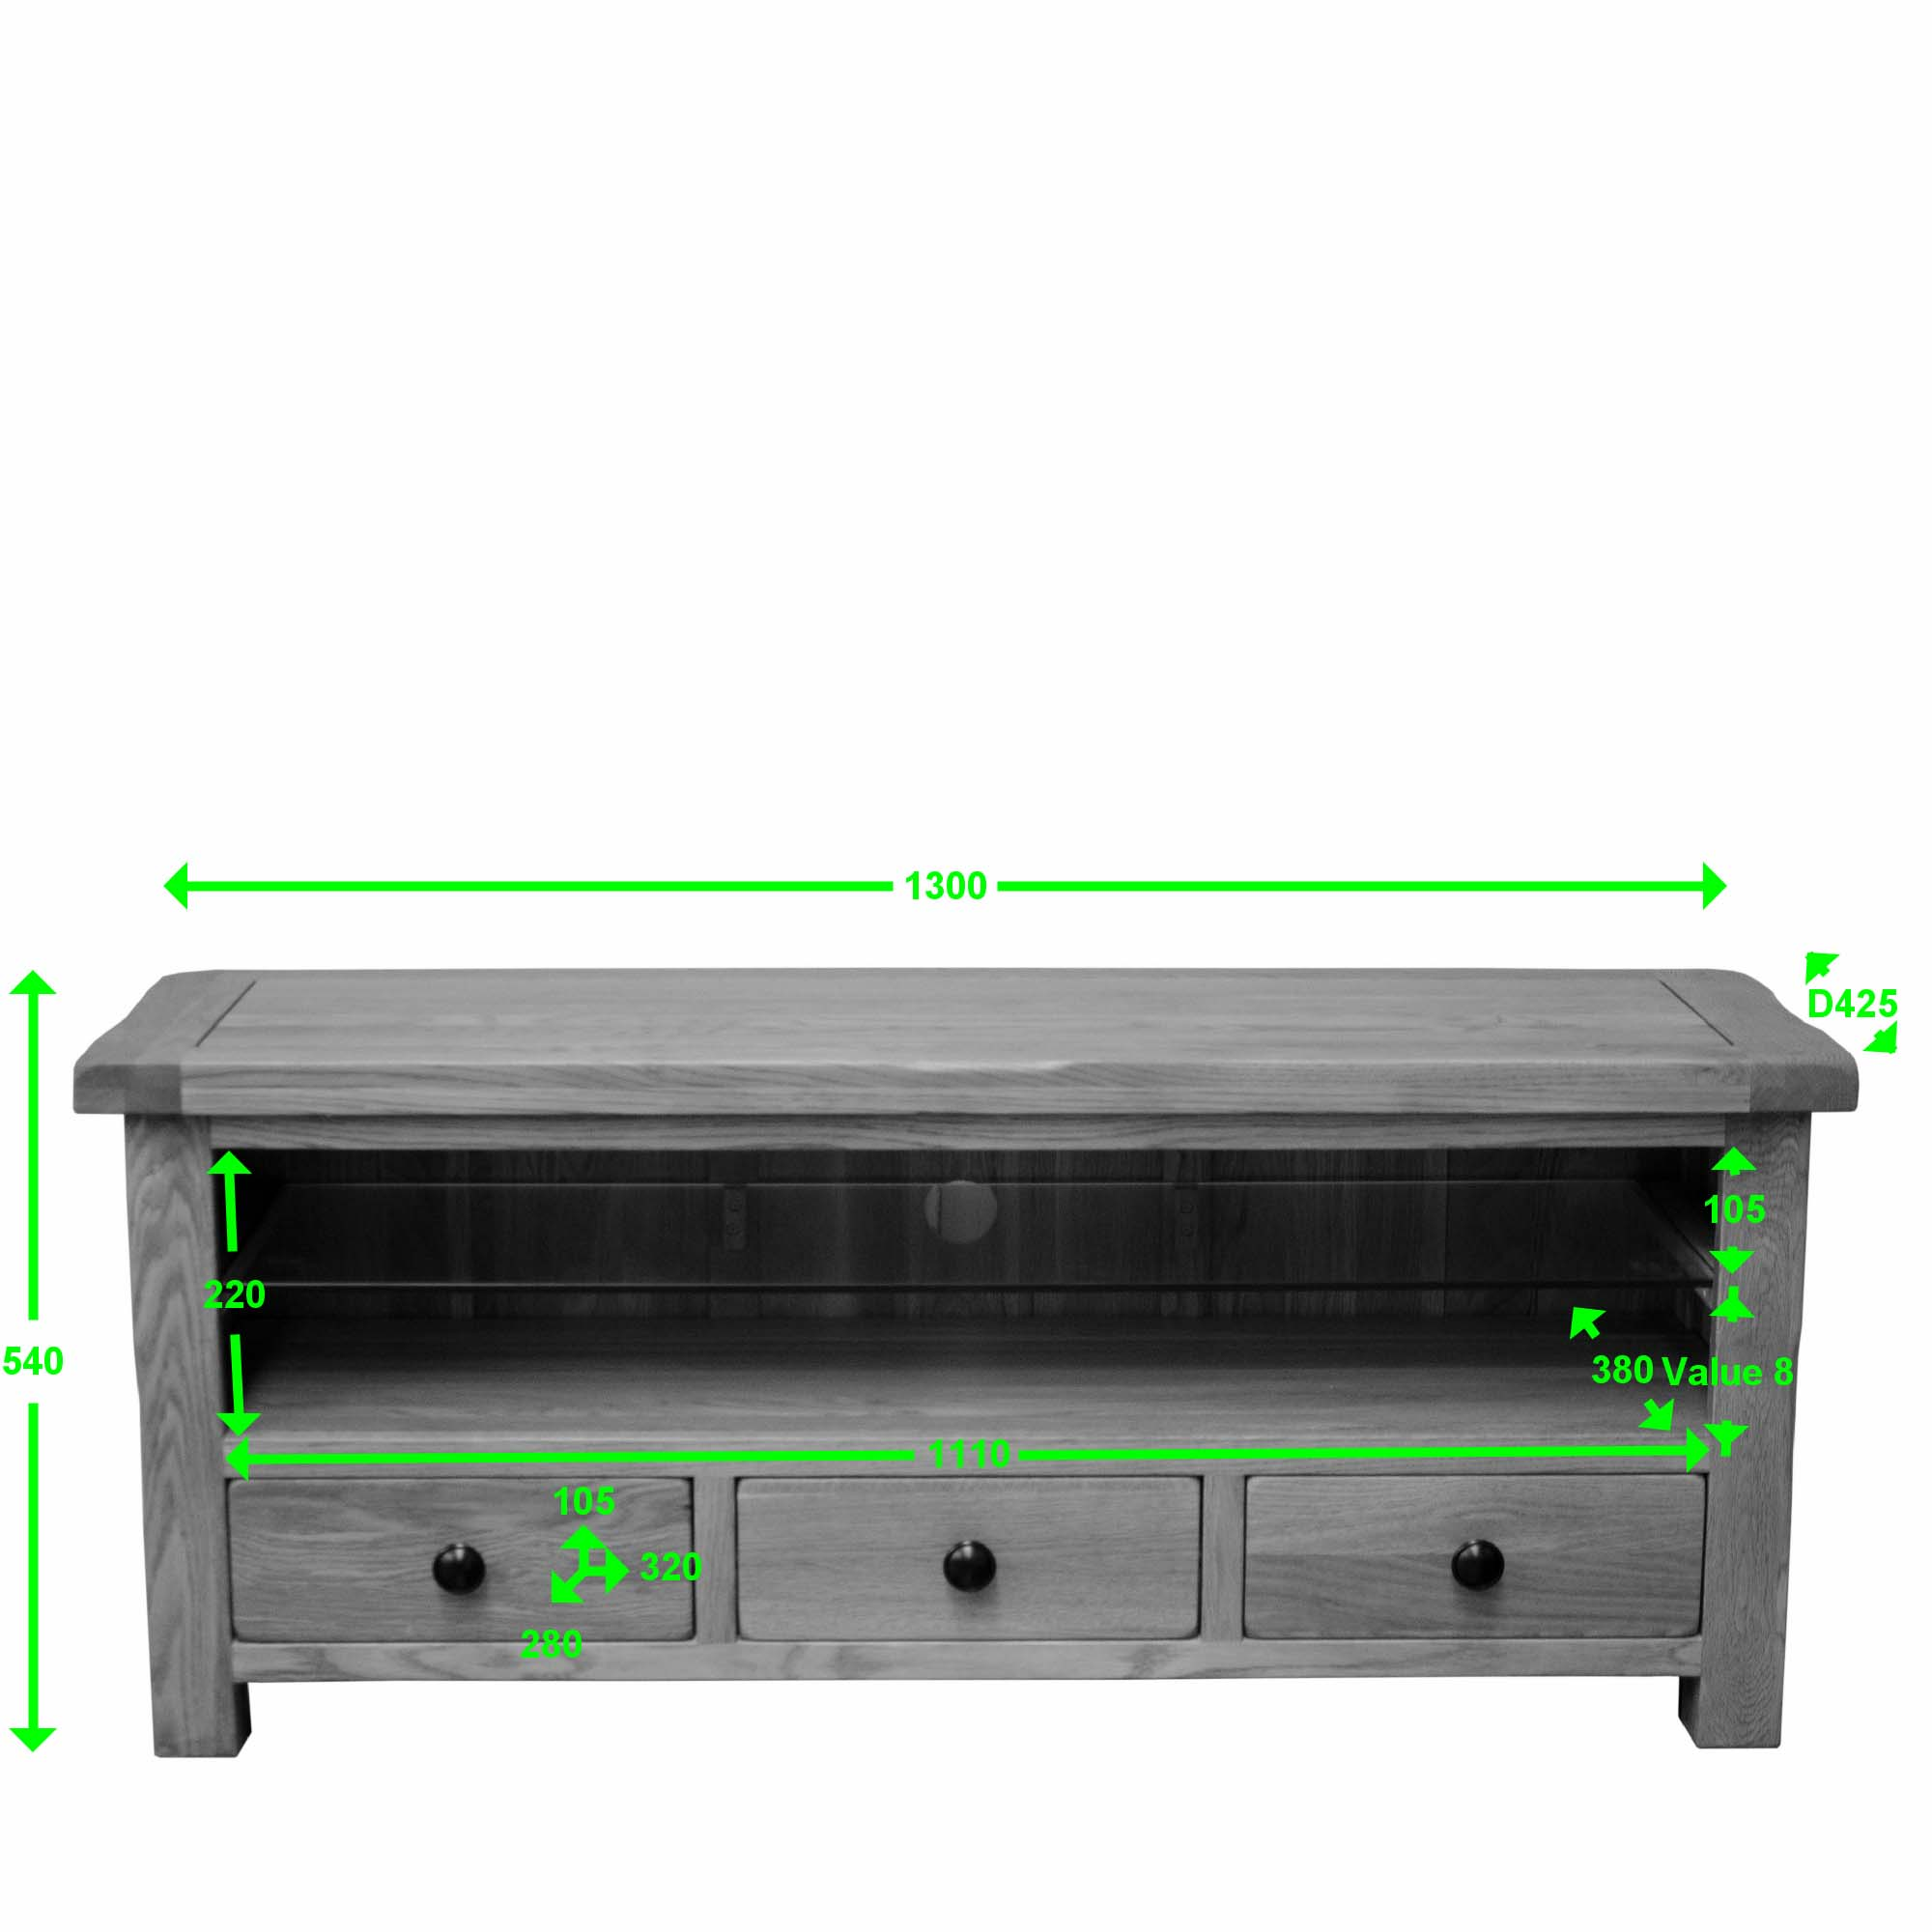 Lavenham oak plasma unit measurements